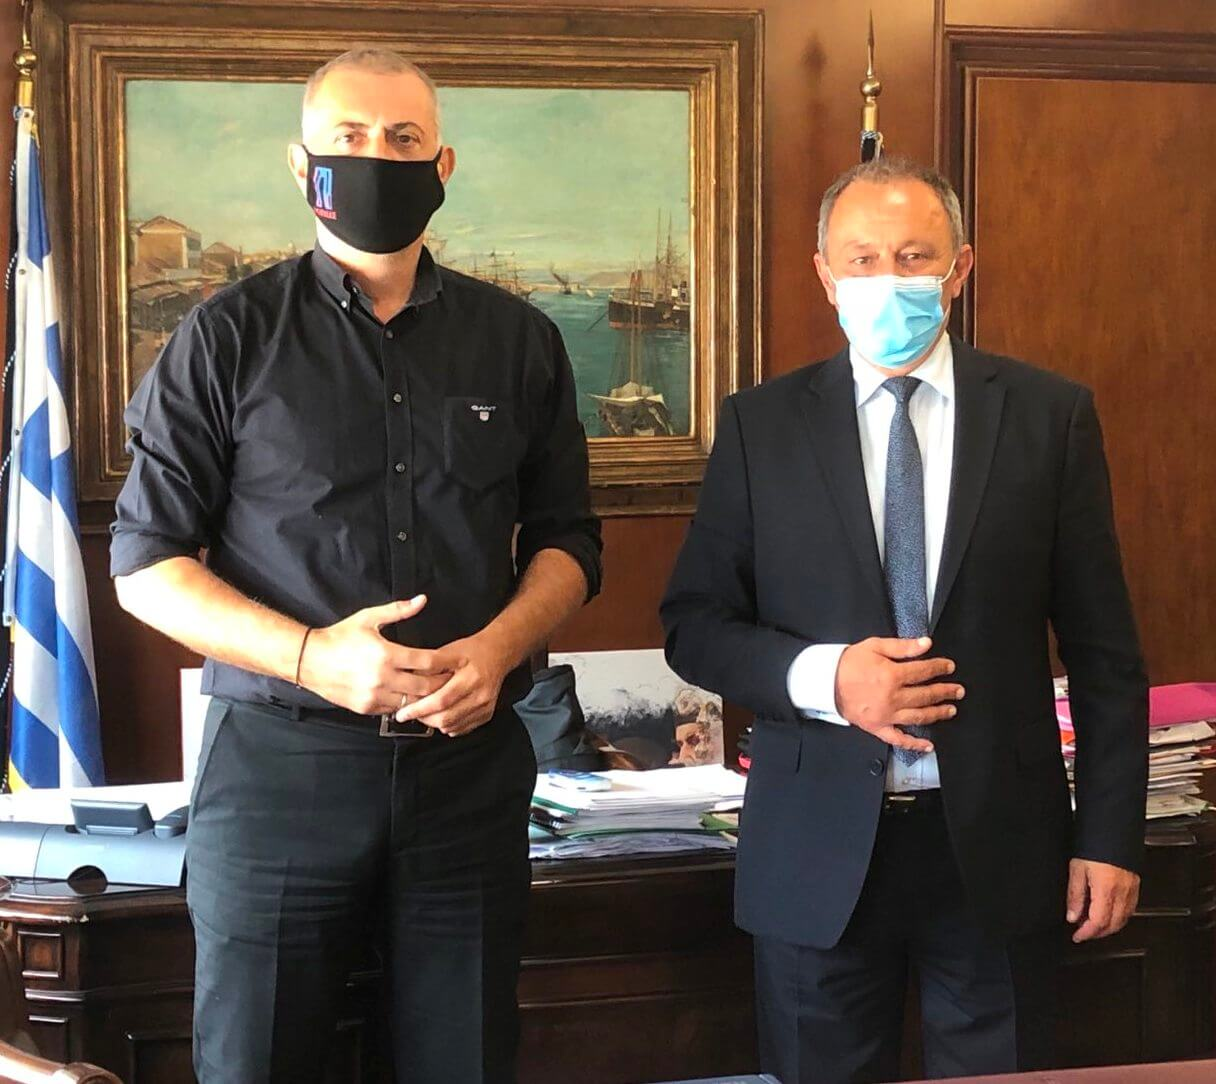 Συνάντηση Δημάρχου Πειραιά, Γιάννη Μώραλη, με τον Δήμαρχο Τροιζηνίας-Μεθάνων, Σπύρο Πολλάκη